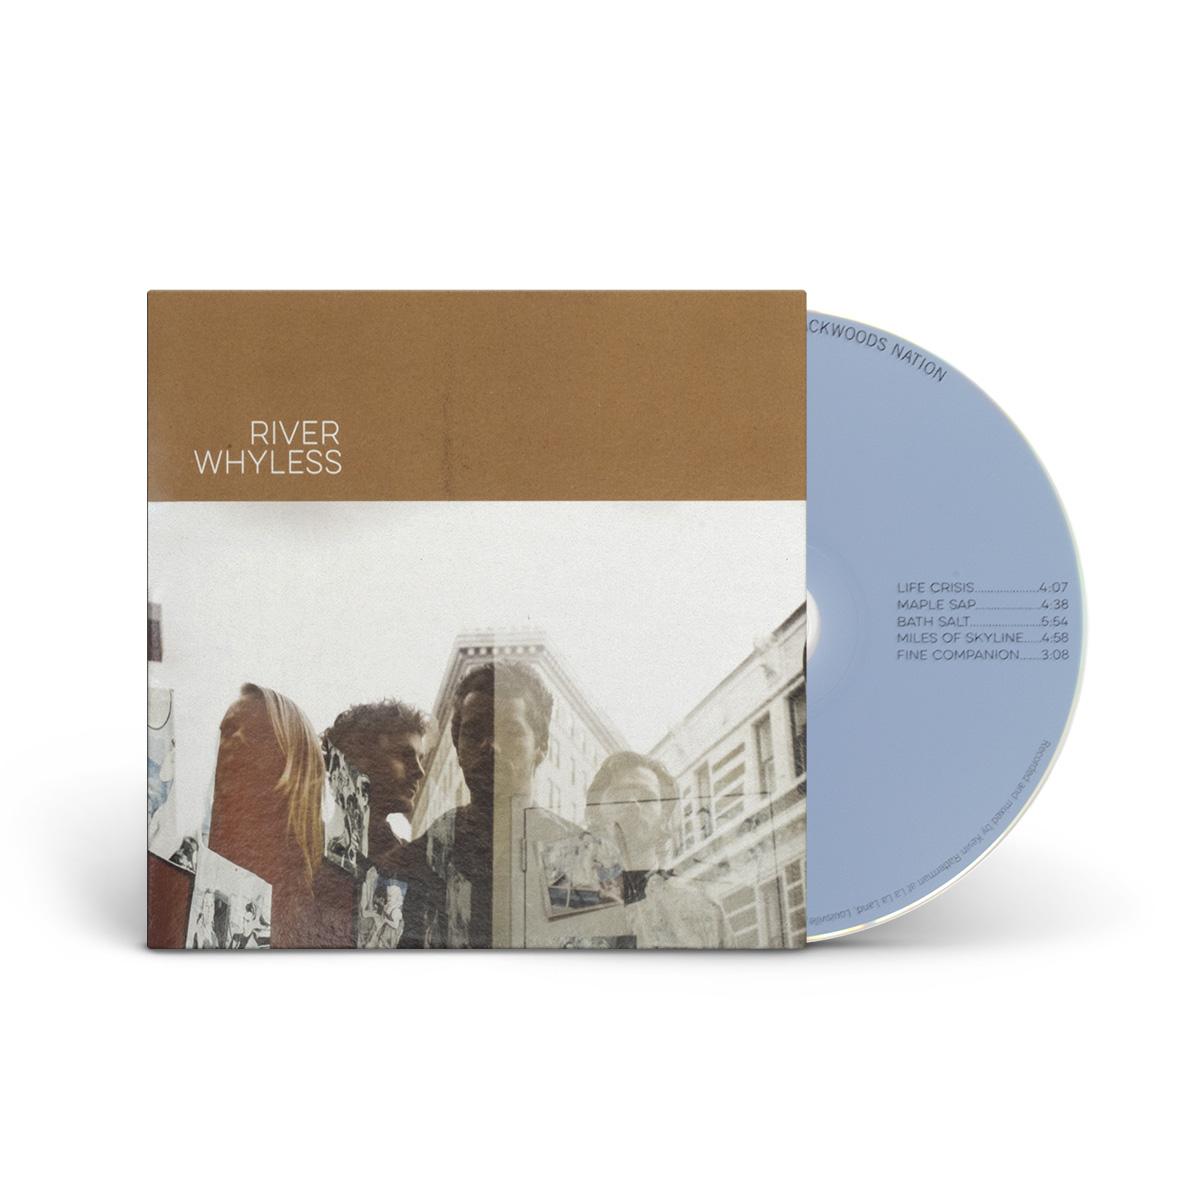 EP - CD